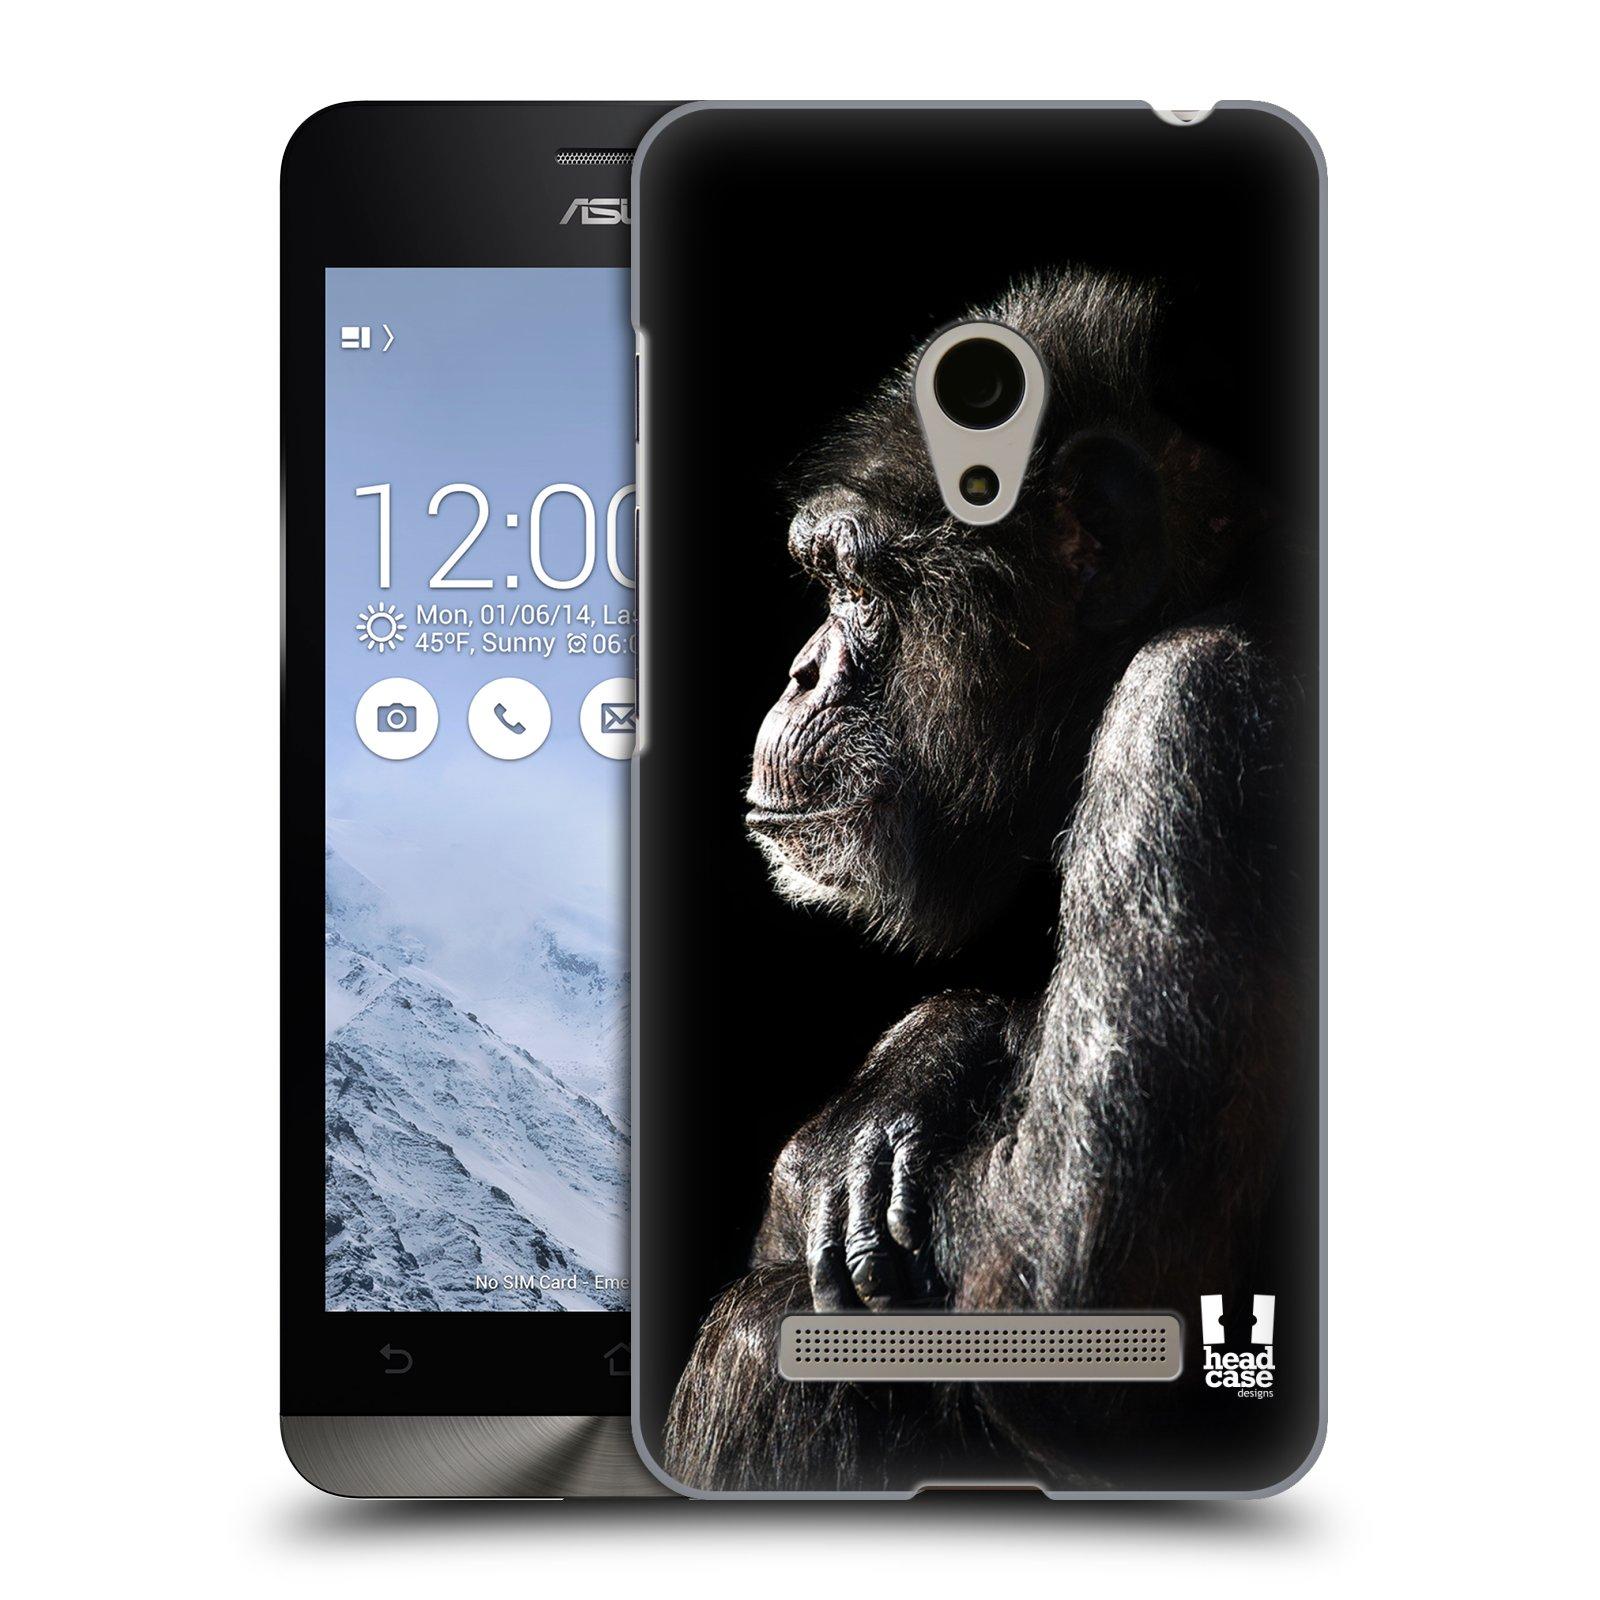 HEAD CASE plastový obal na mobil Asus Zenfone 5 vzor Divočina, Divoký život a zvířata foto ŠIMPANZ